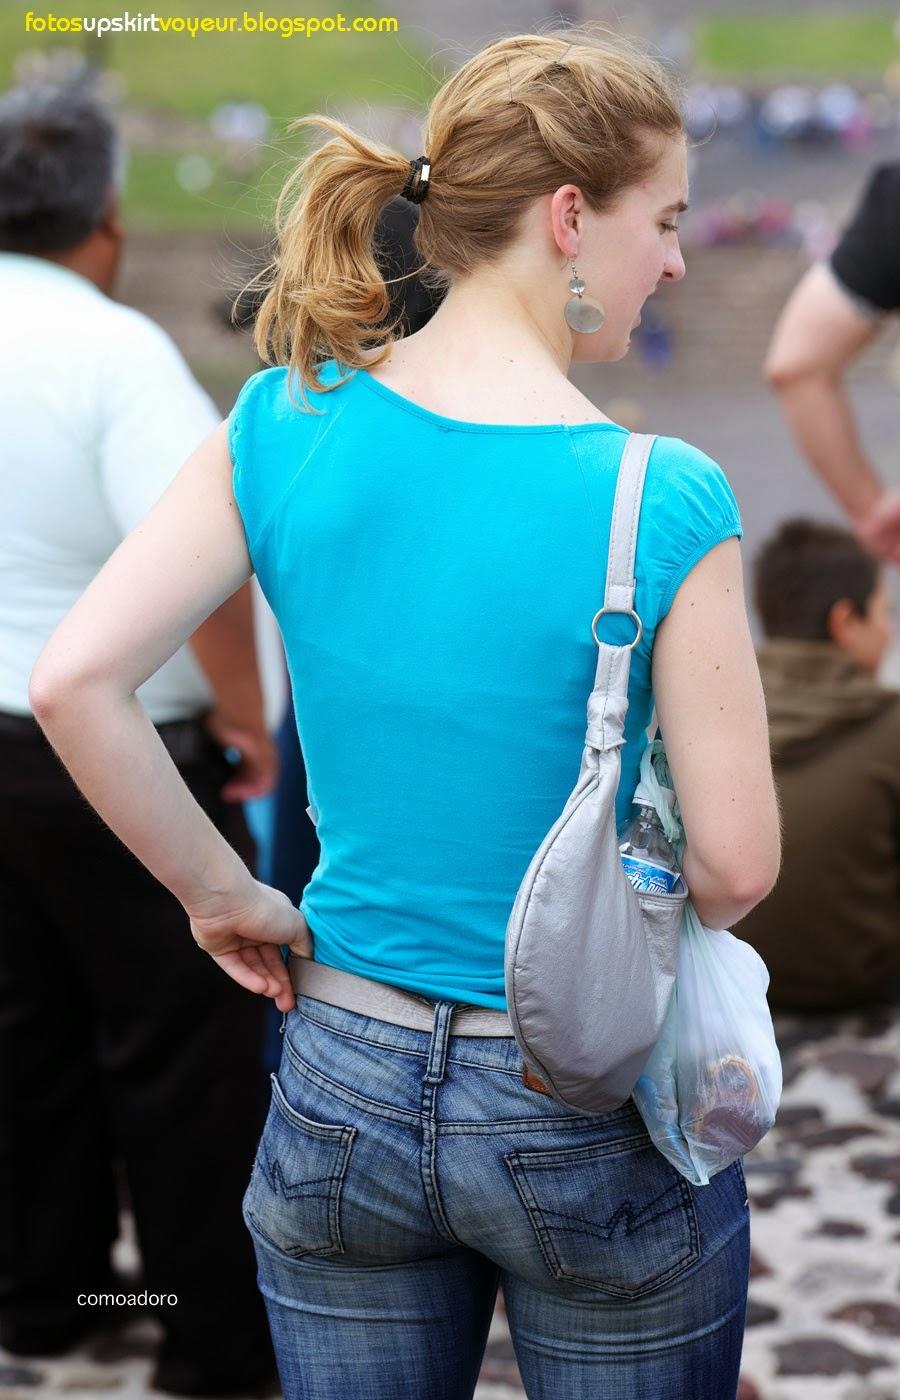 culos en jeans Search - XVIDEOSCOM